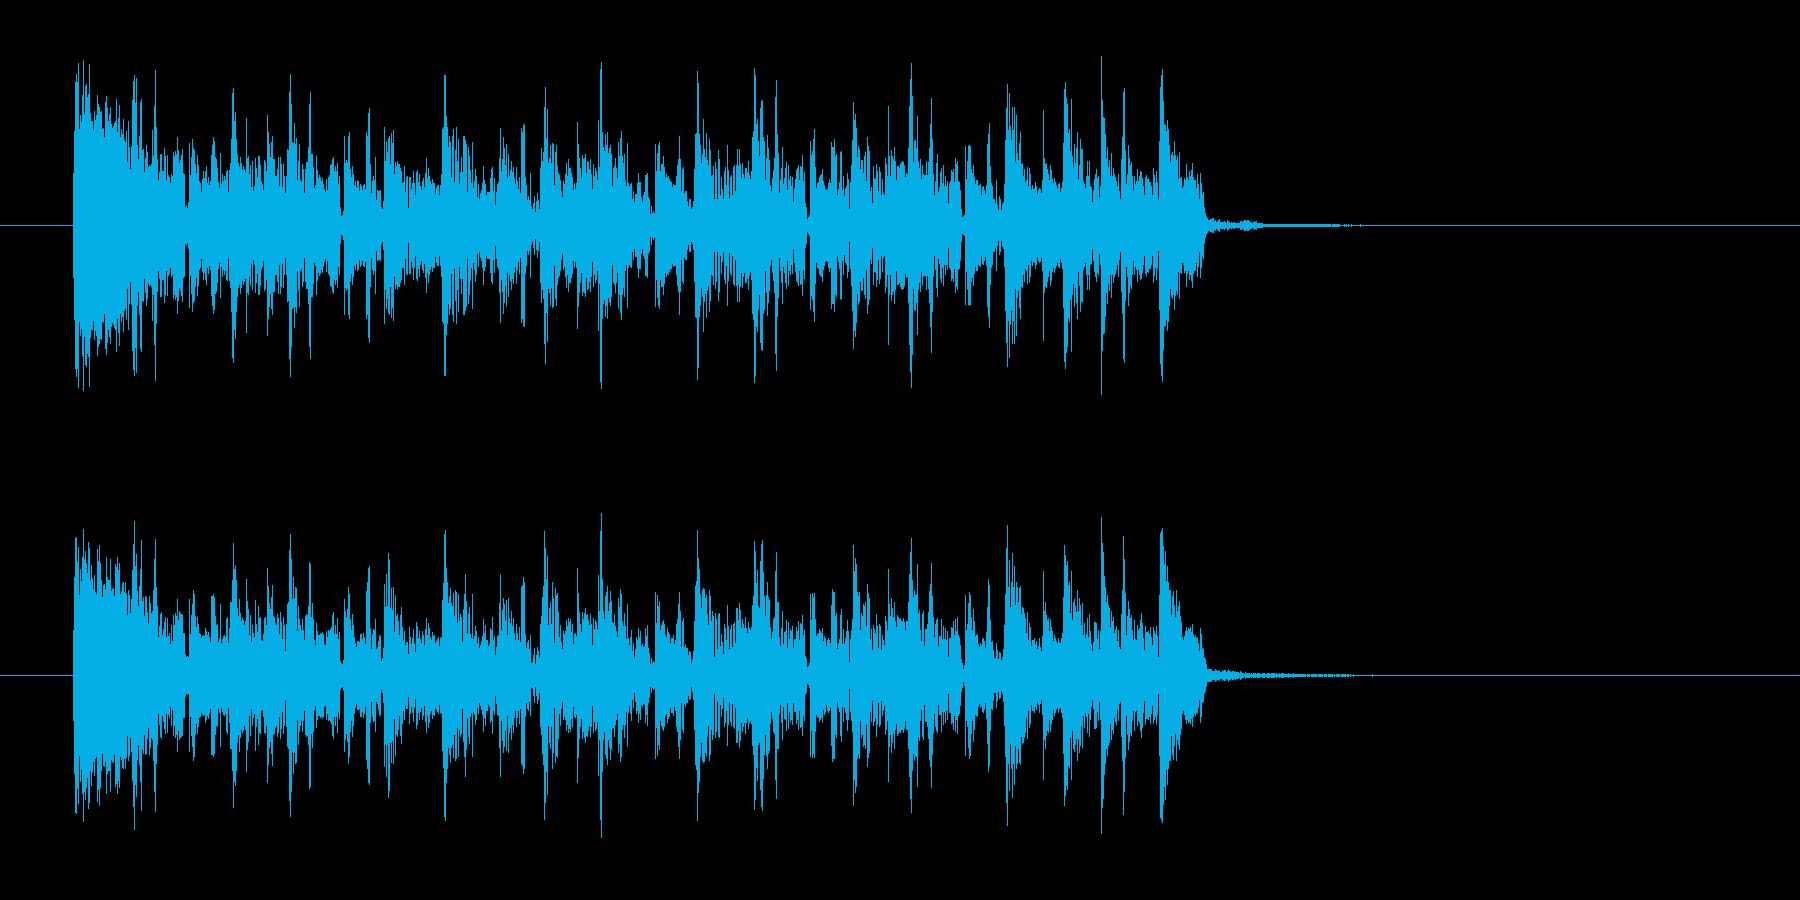 サンバ風なジングル曲、サウンドロゴの再生済みの波形